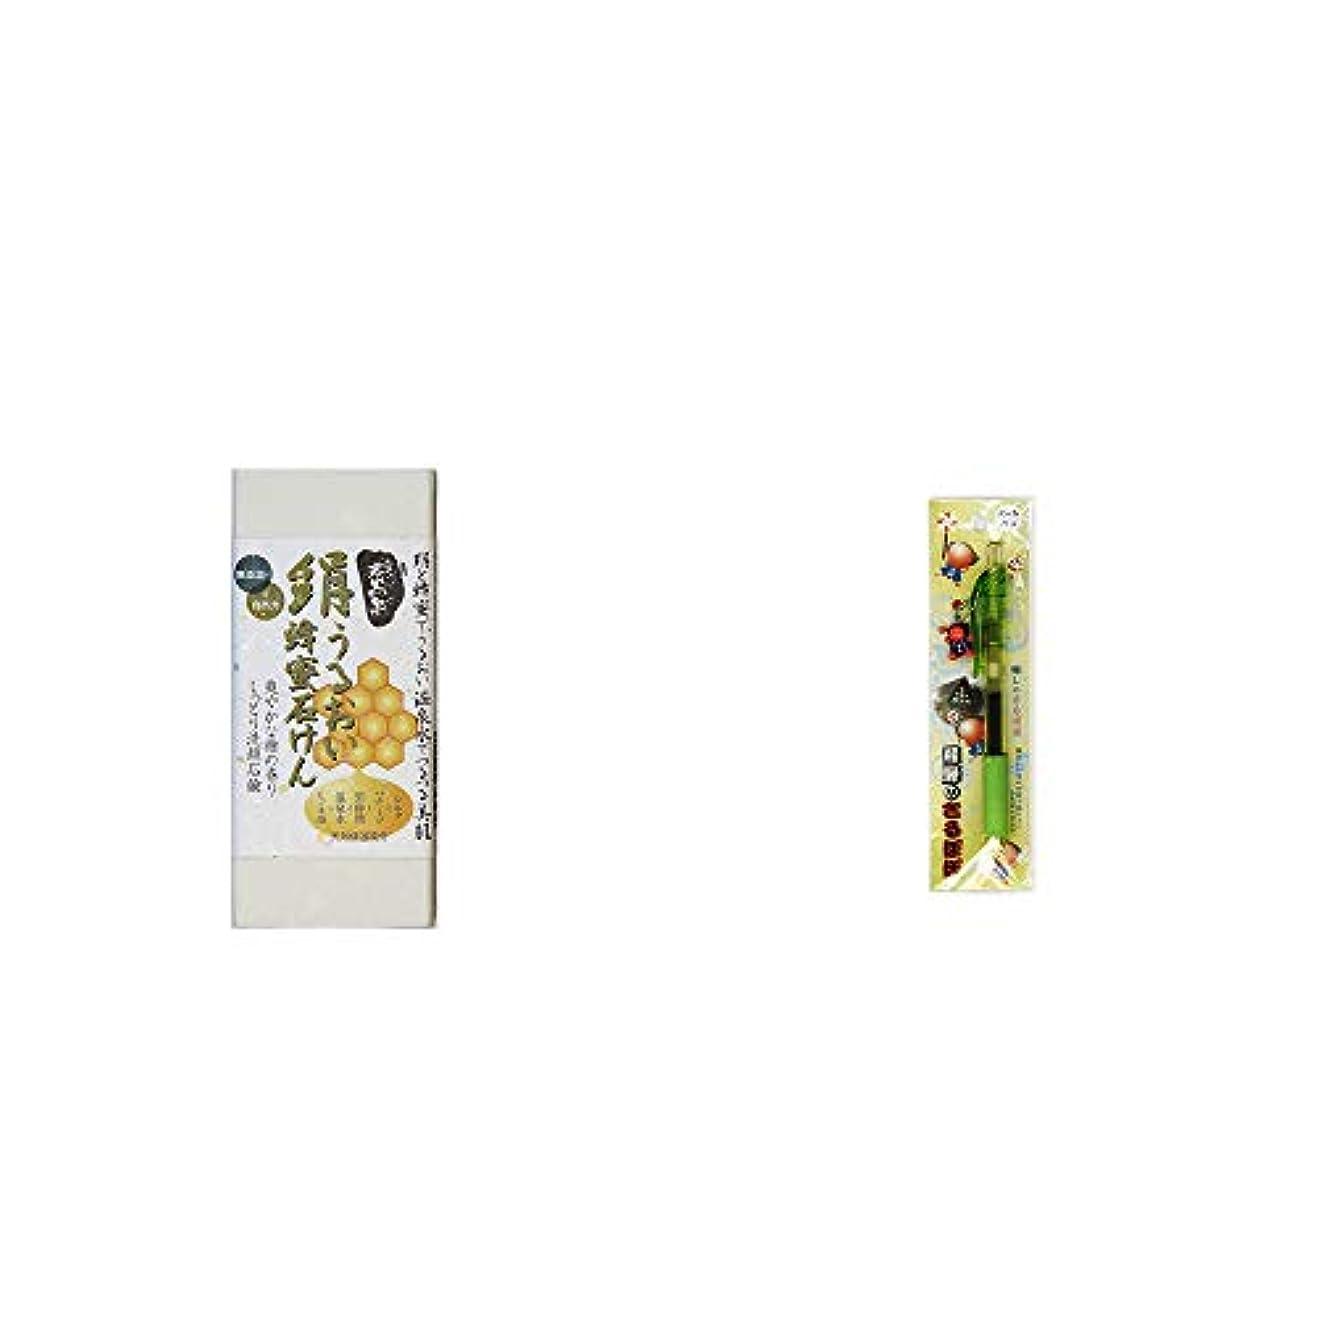 インシュレータ香りを必要としています[2点セット] ひのき炭黒泉 絹うるおい蜂蜜石けん(75g×2)?さるぼぼ 癒しボールペン 【グリーン】